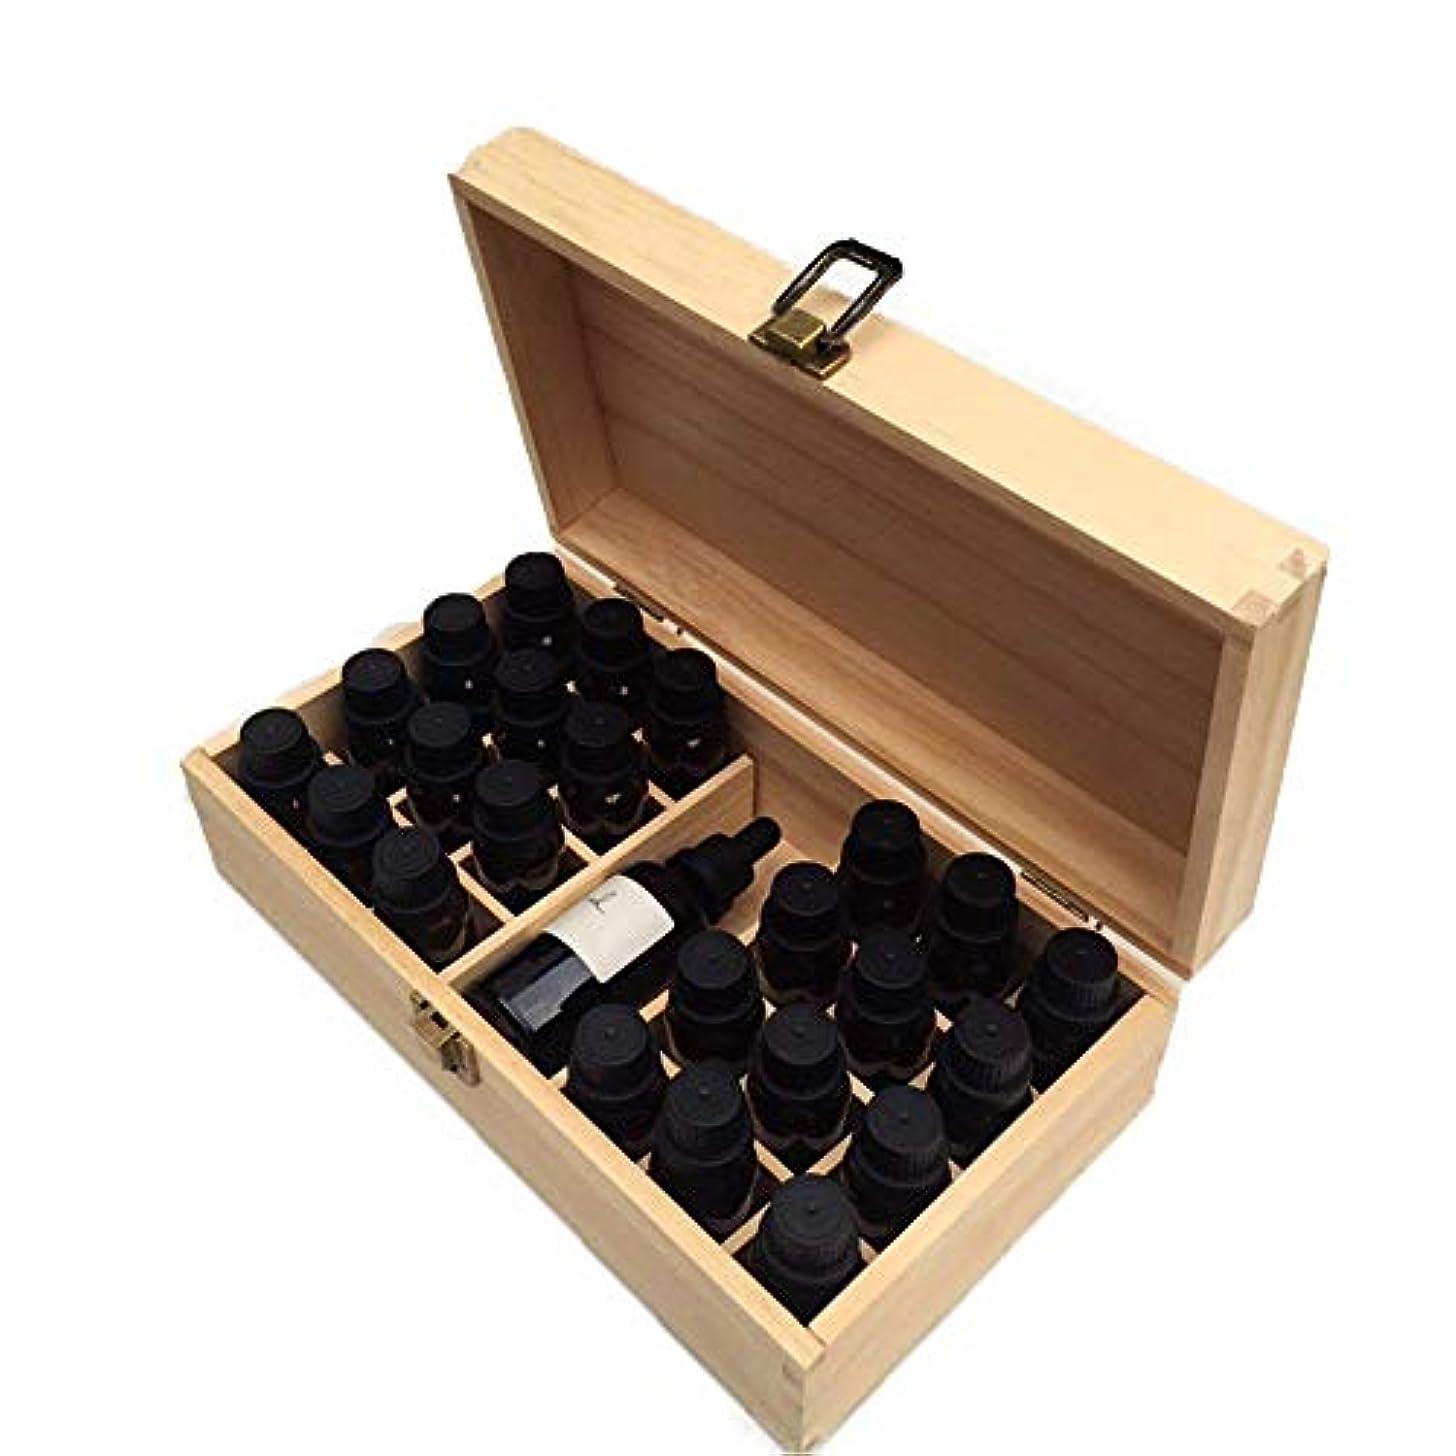 マーチャンダイザー承知しました欠点エッセンシャルオイルの保管 ストレージボックスでは、安全に油を維持するためのベストハンドル25のボトル木製のエッセンシャルオイル (色 : Natural, サイズ : 27X15X9CM)